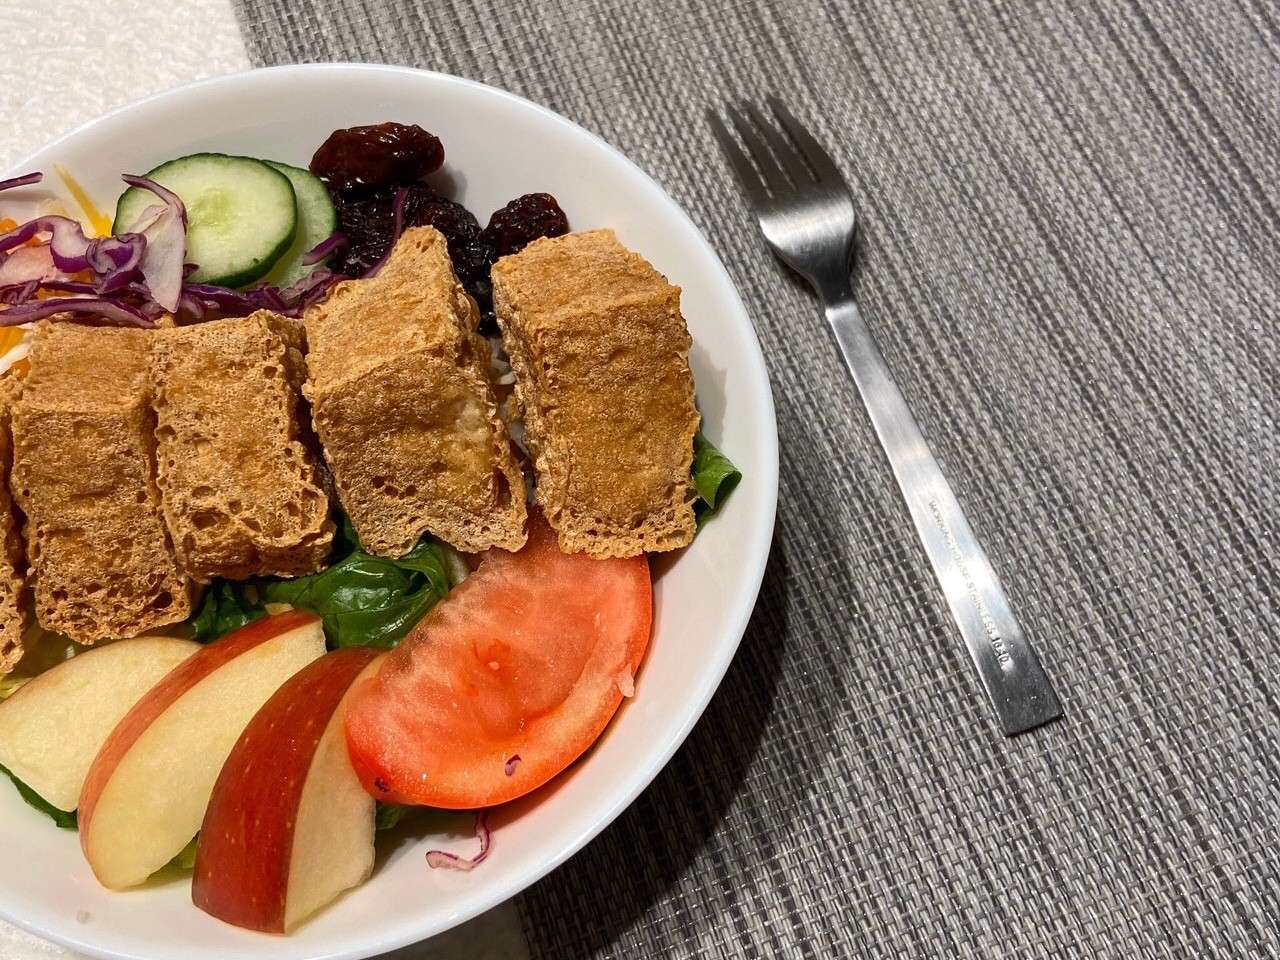 【低成本懶人料理】酥脆臭豆腐野菜沙拉